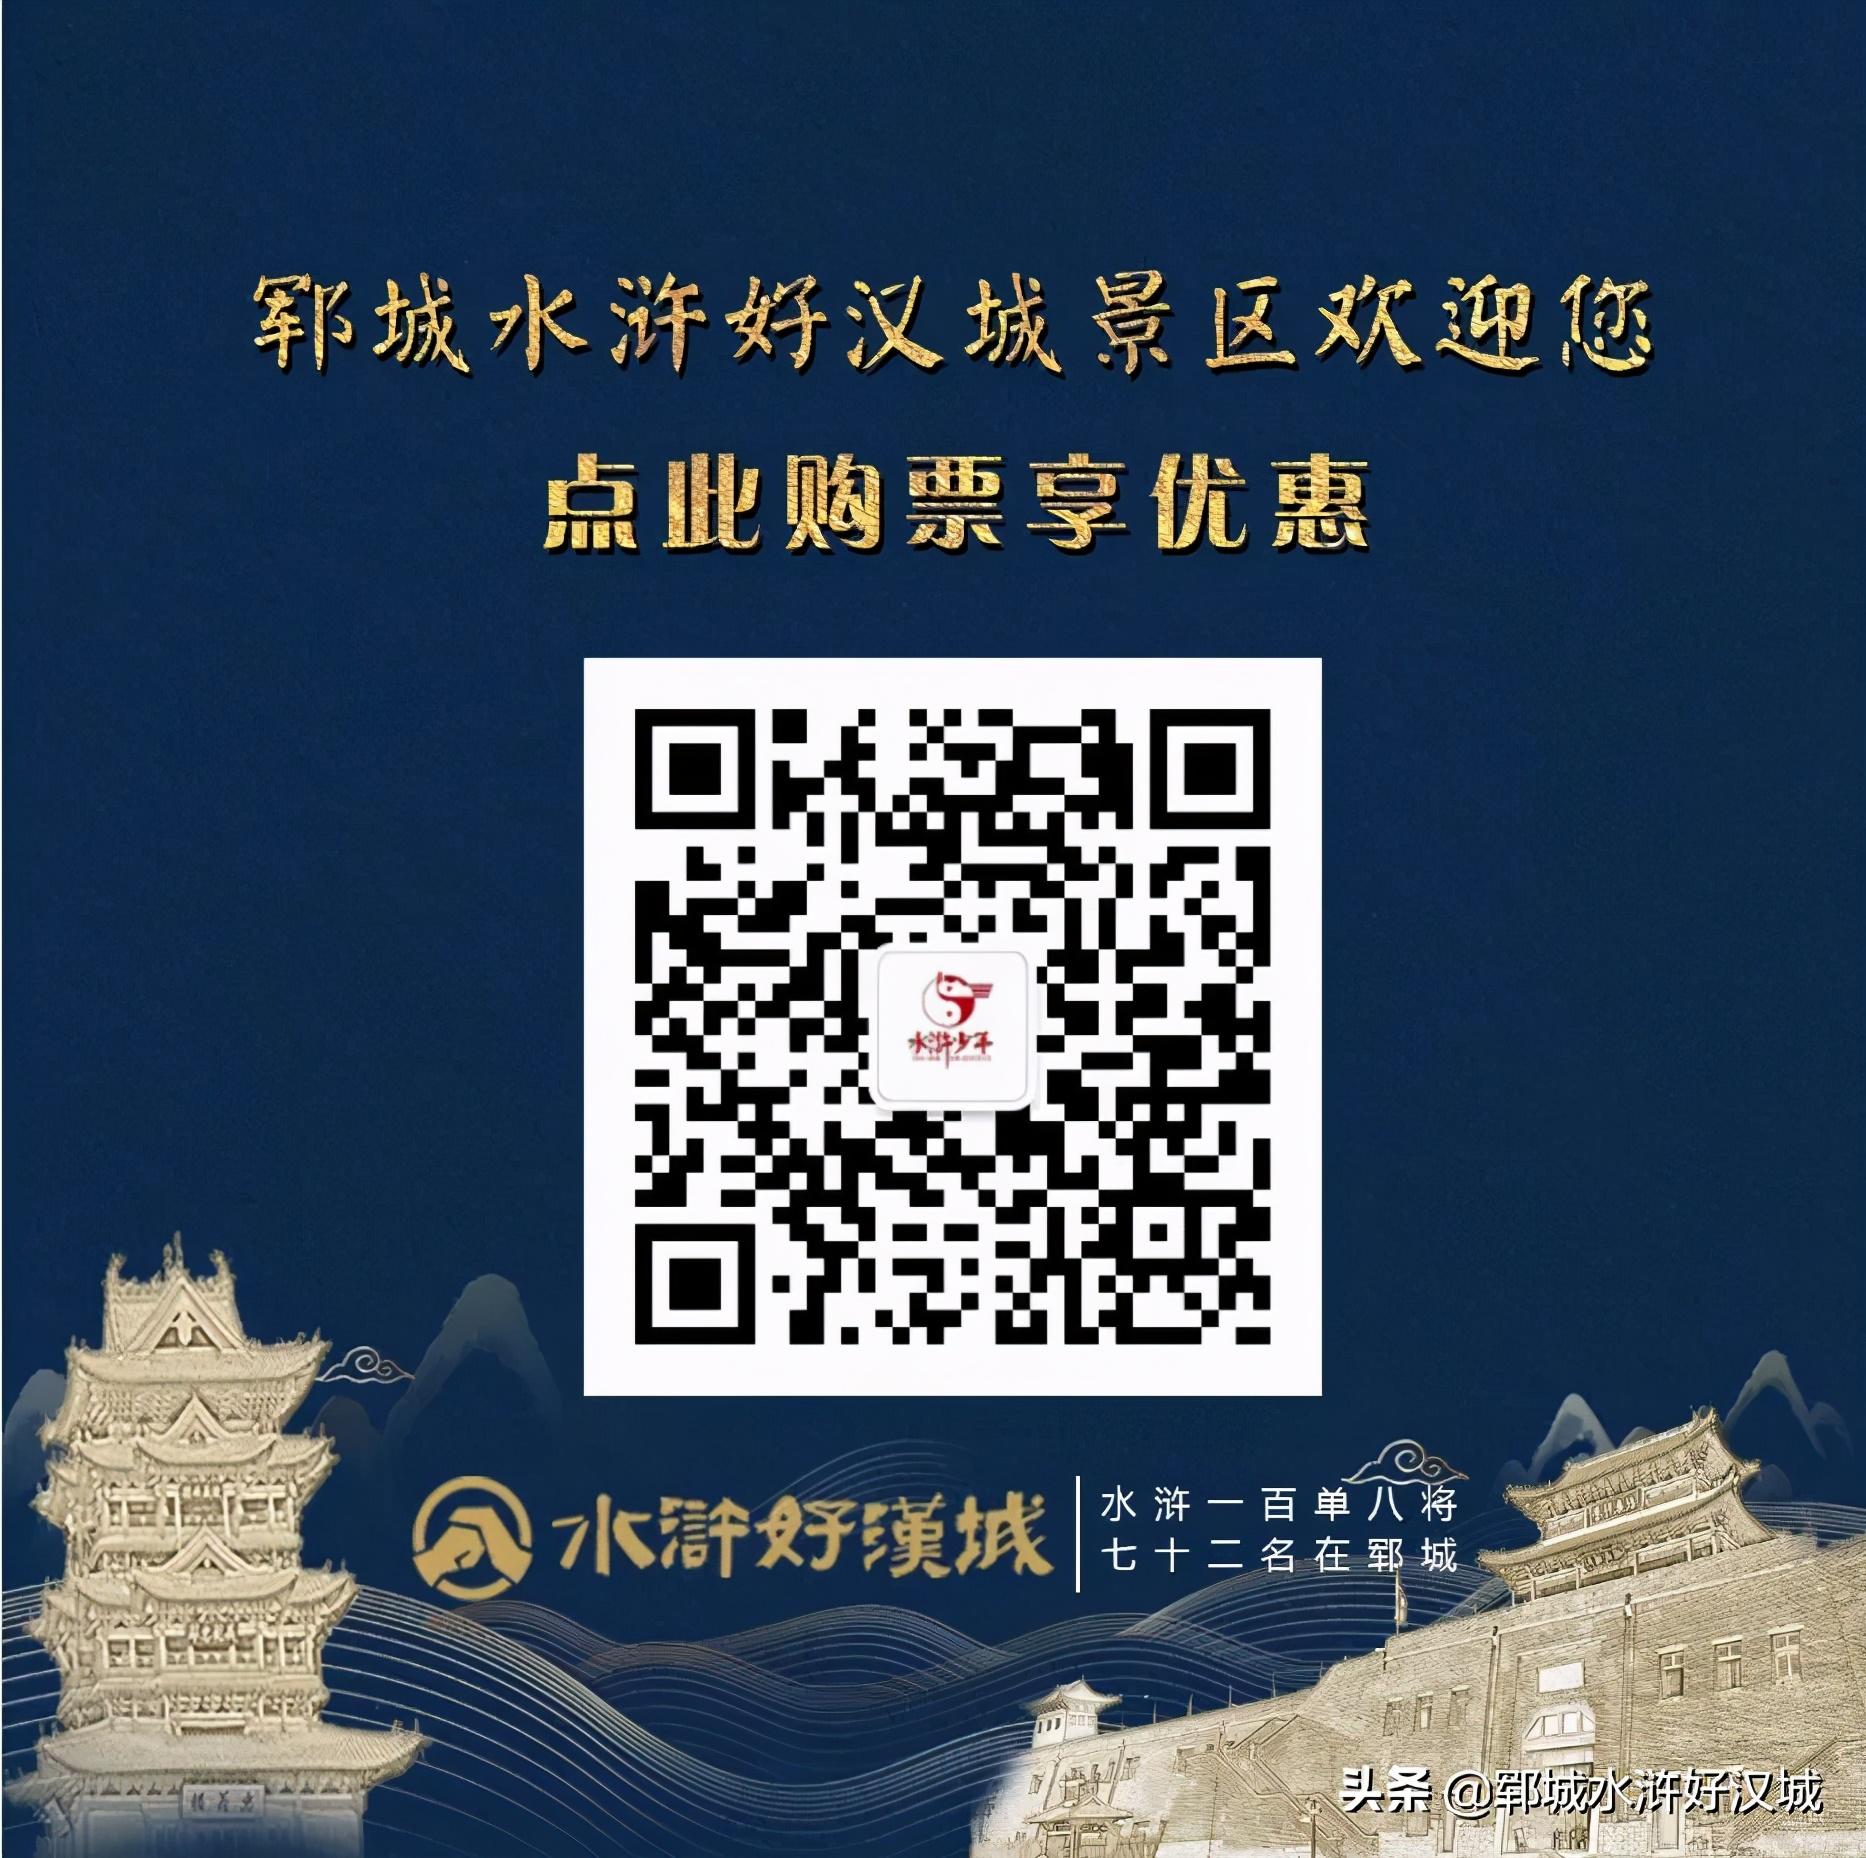 九九重阳,古城敬老丨水浒好汉城对老年人免费了!(图37)